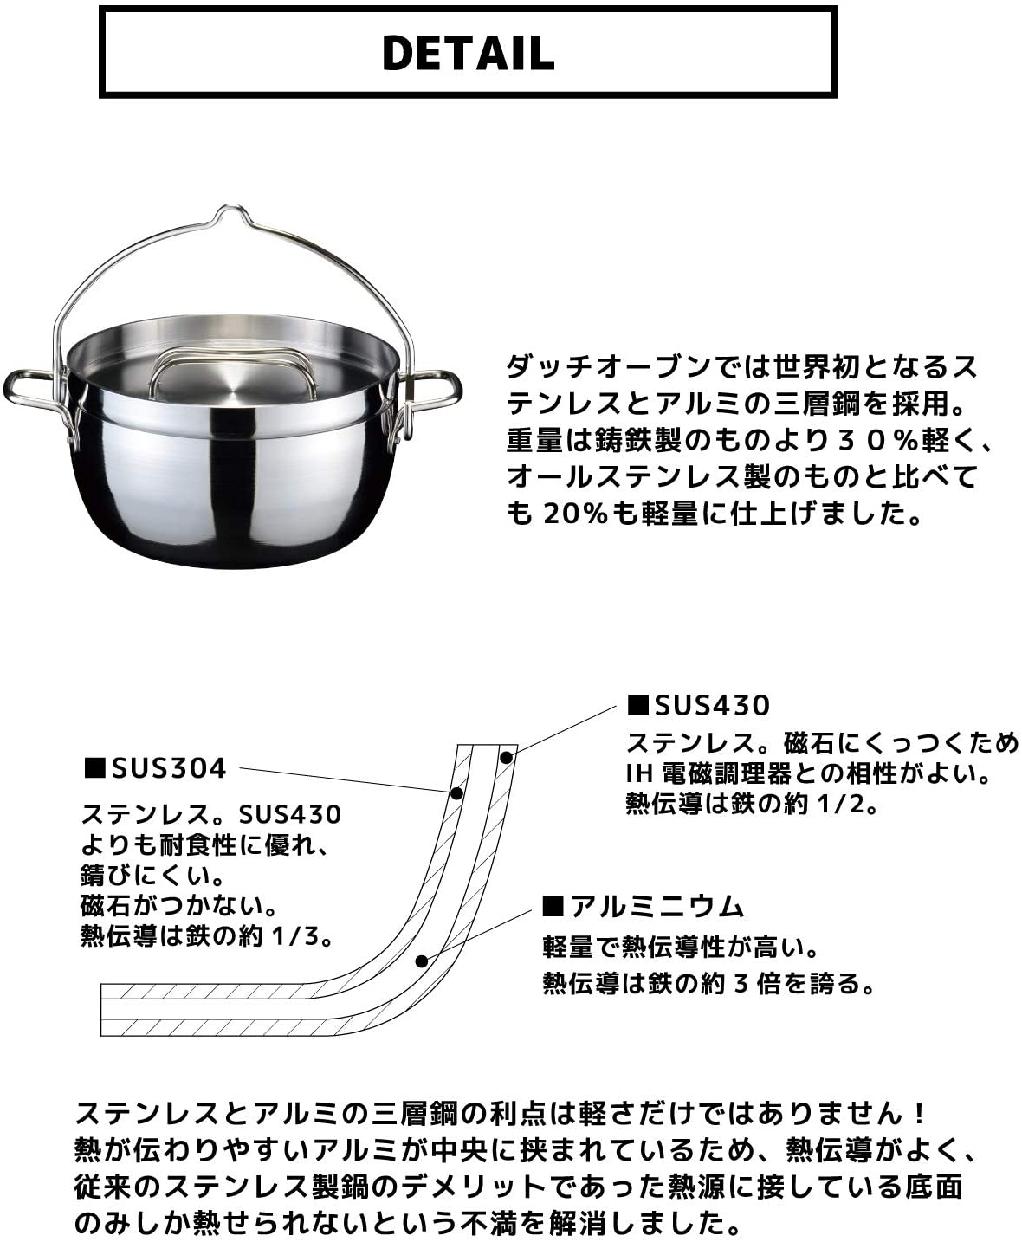 TSBBQ(ツバメサンギョウバーベキュー)ライトステンレス ダッチオーブン10 ステンレスTSBBQ-005の商品画像5